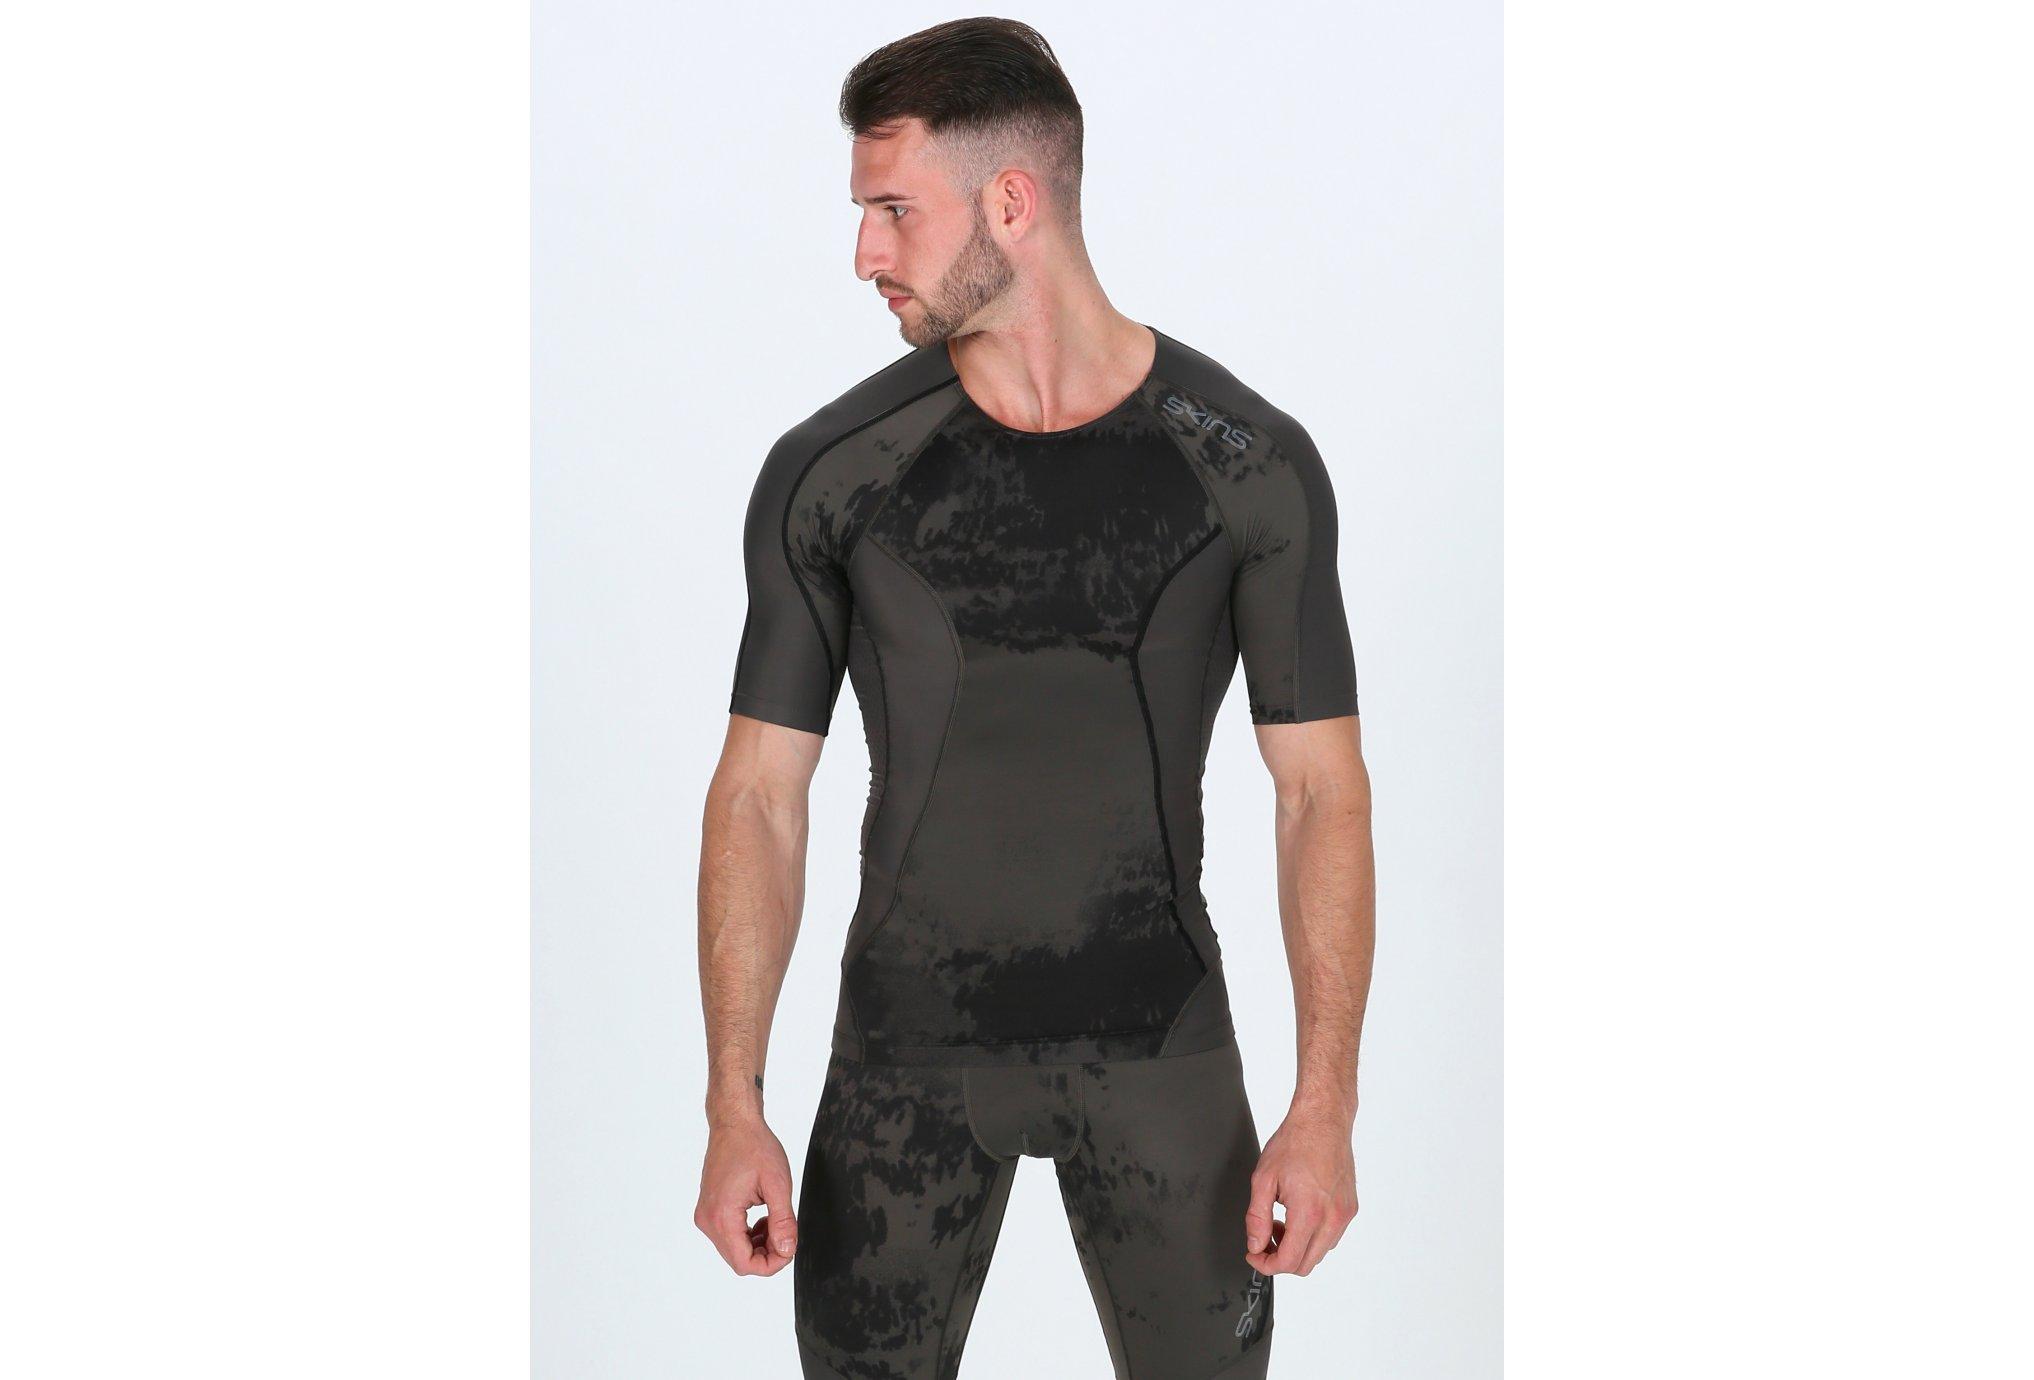 Skins DNAmic M Diététique Vêtements homme